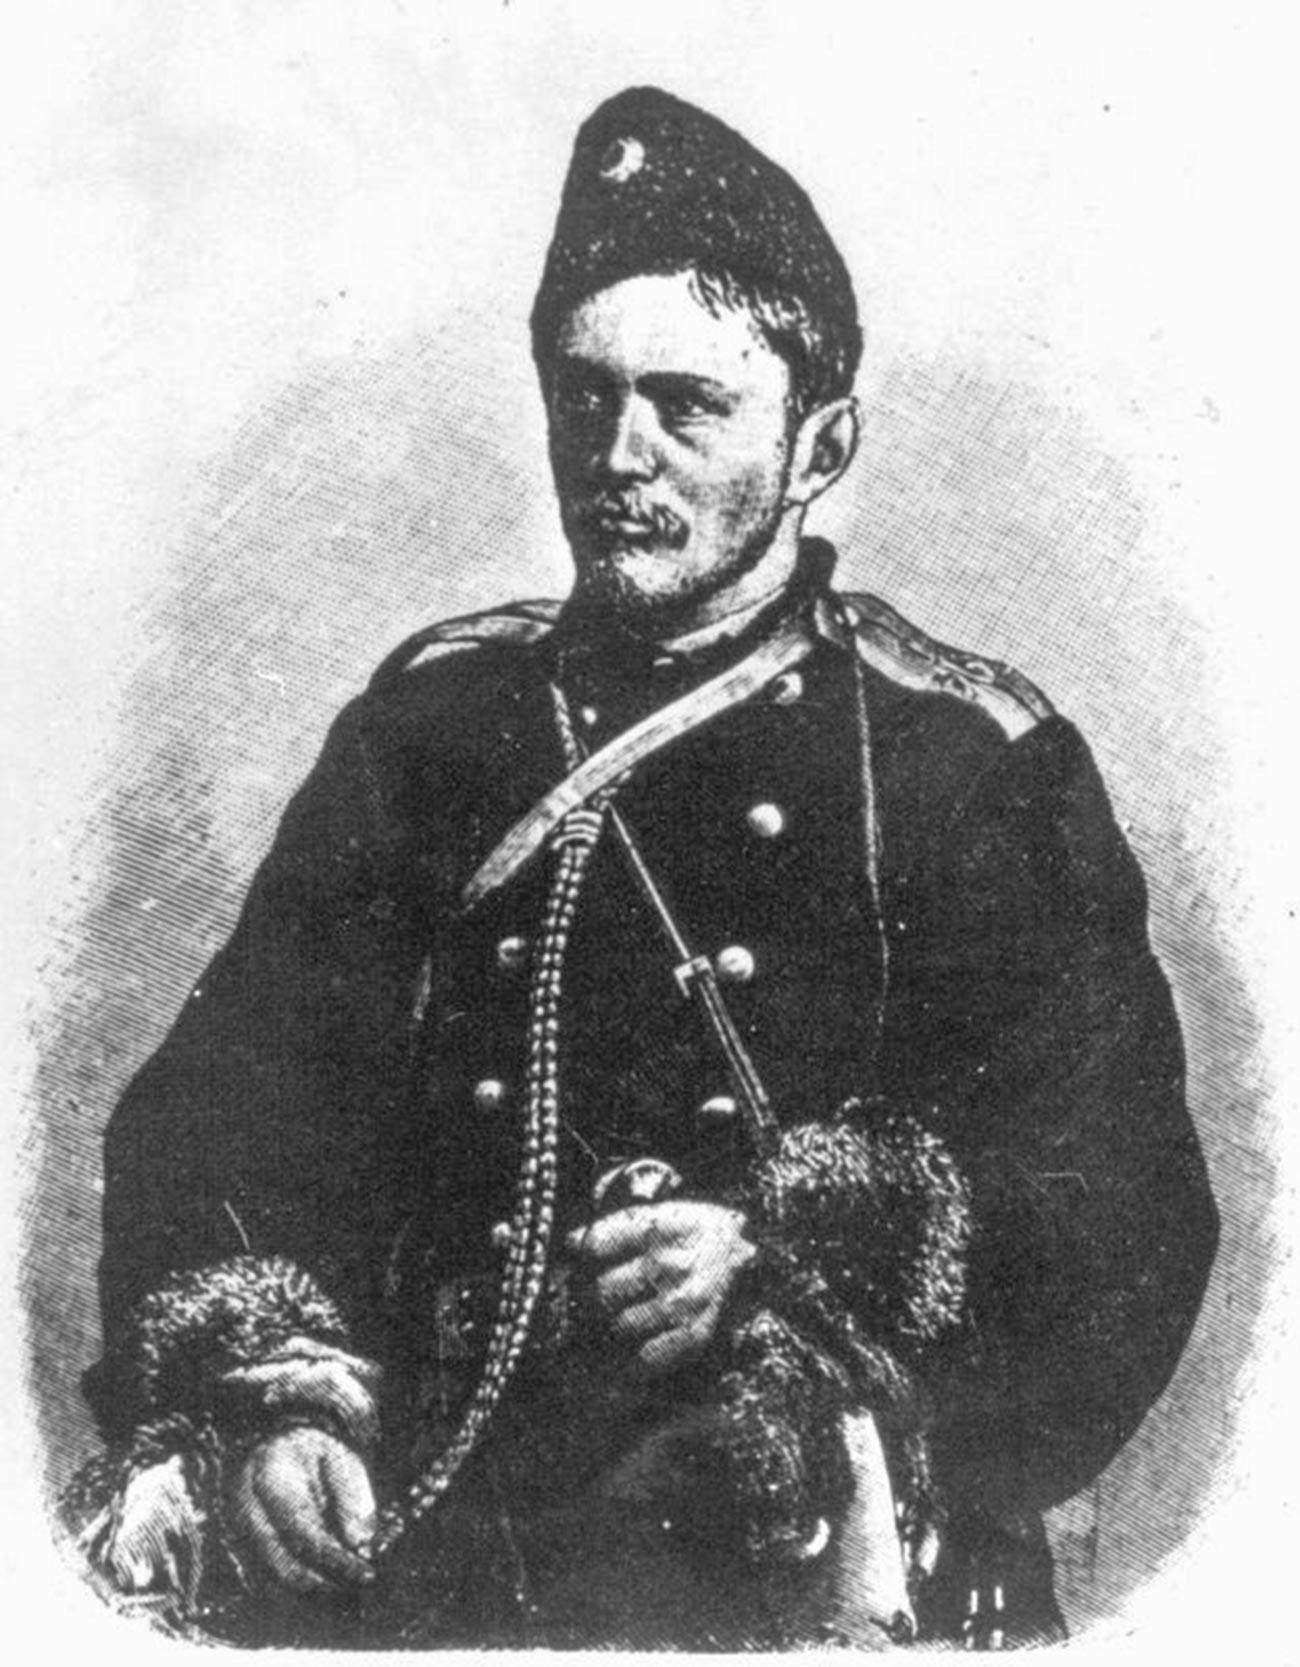 ドミトリー・ペシコフ